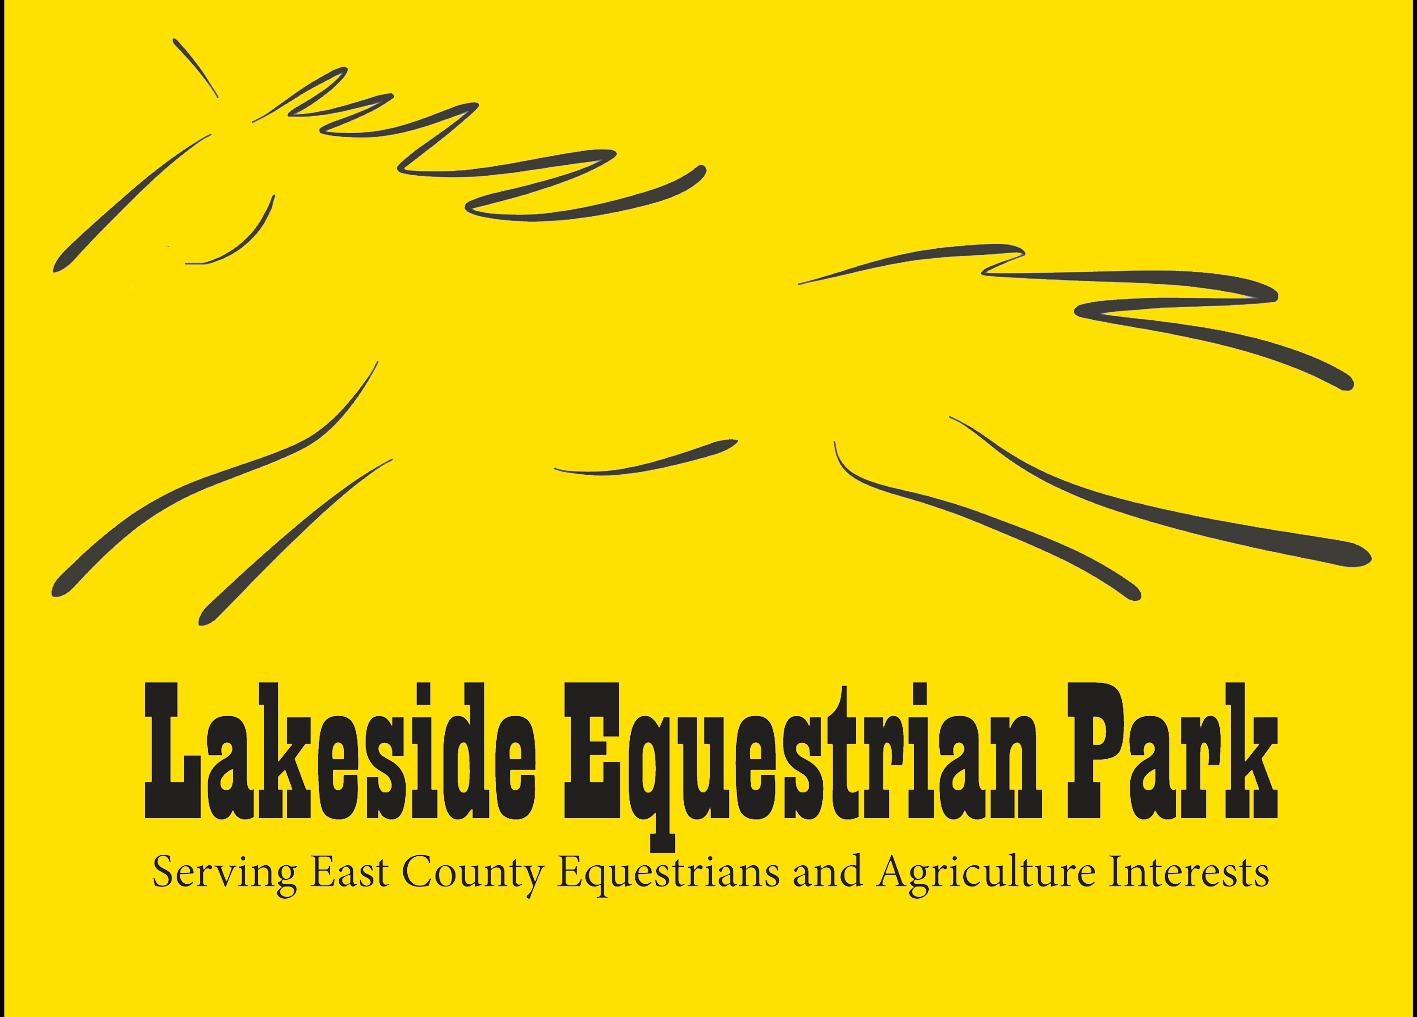 Logo by Cheryl Erpelding